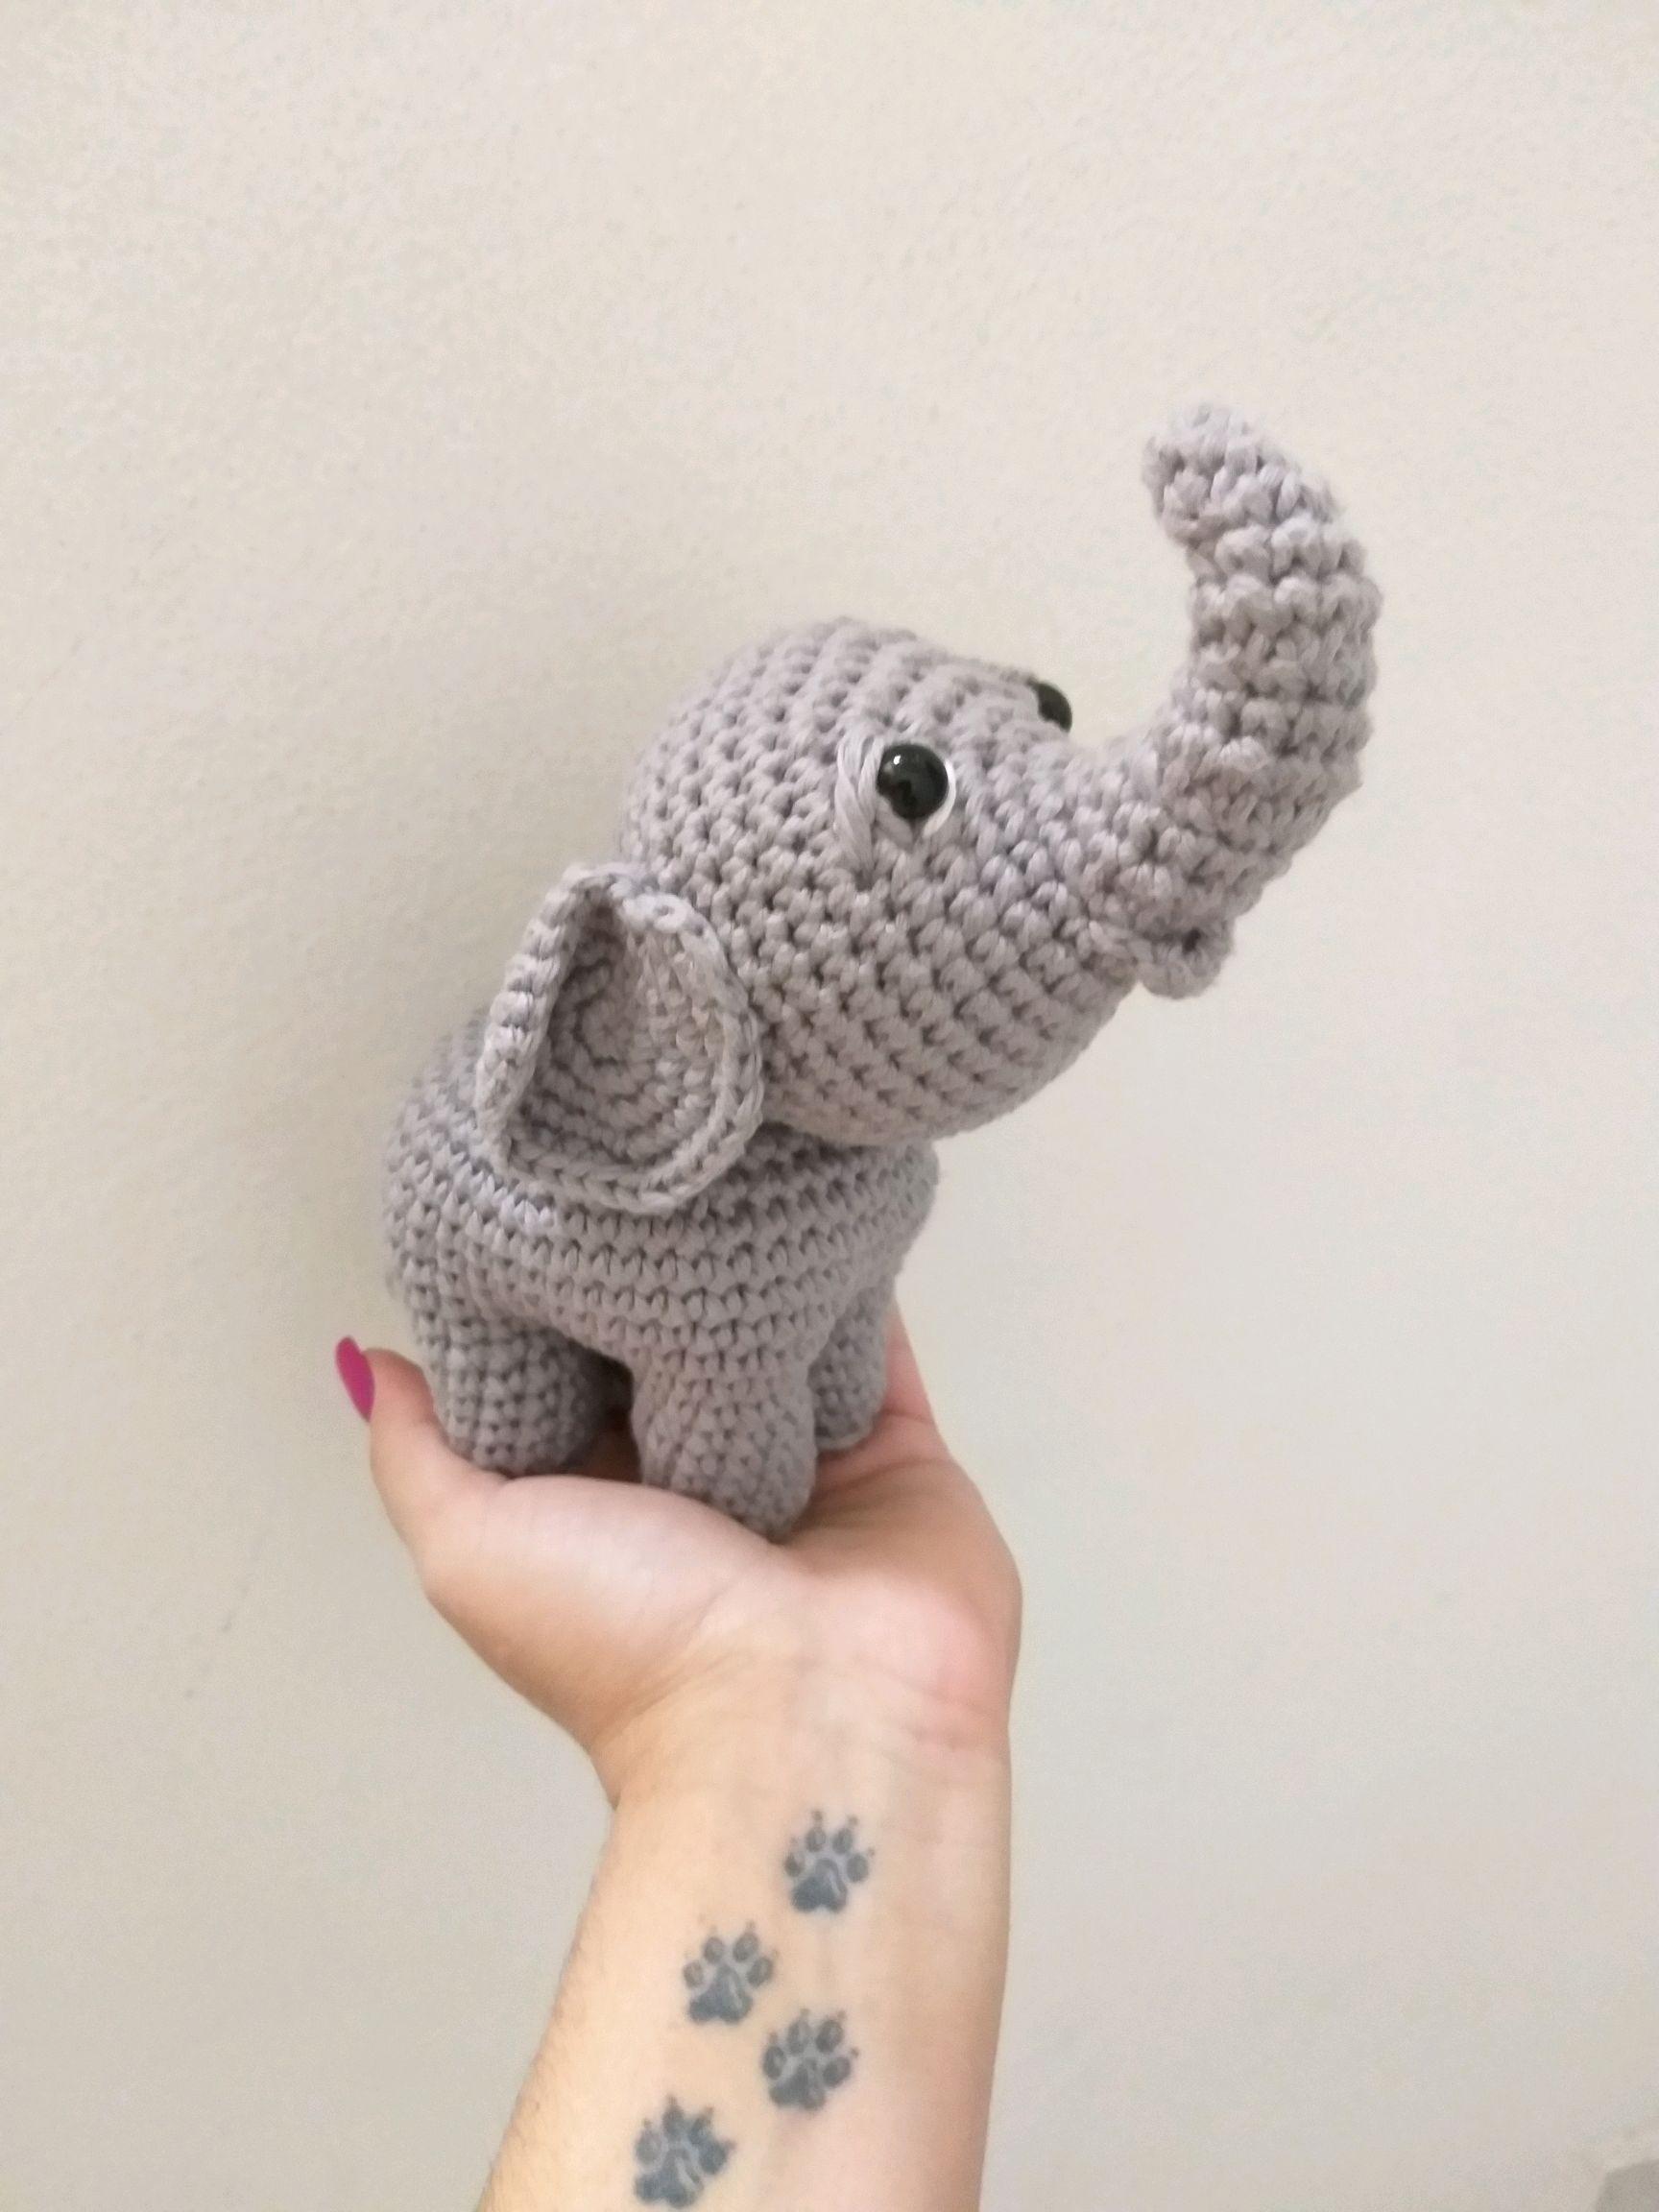 Elefante de crochet indio Jyoti | CrochetyAmigurumis.com | 2304x1728